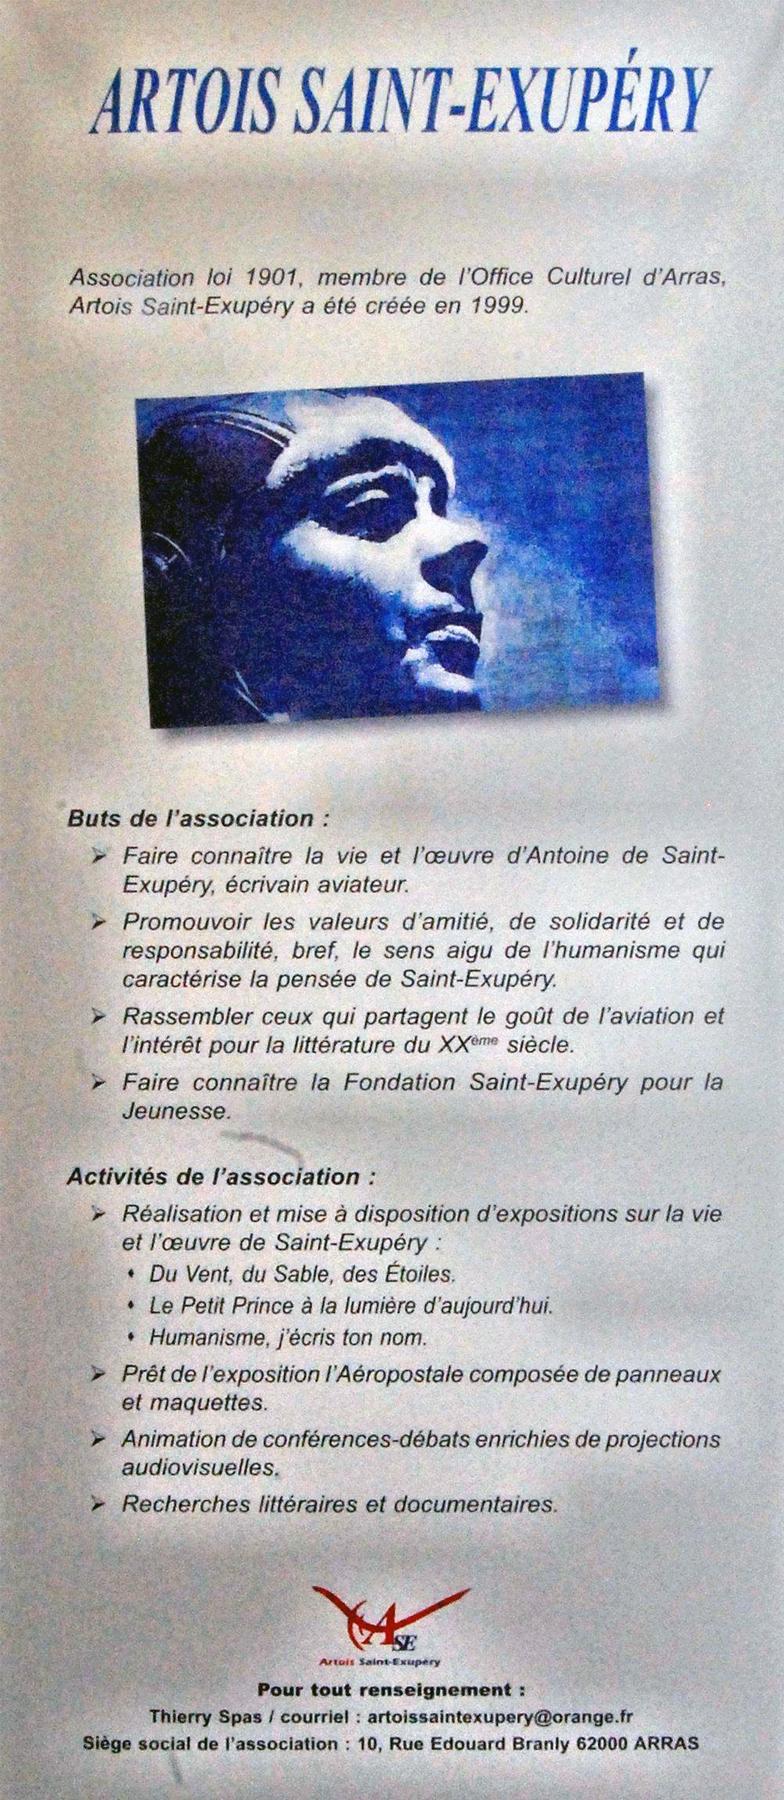 Actualités 2014-2015 de l'Association Artois Saint Exupéry